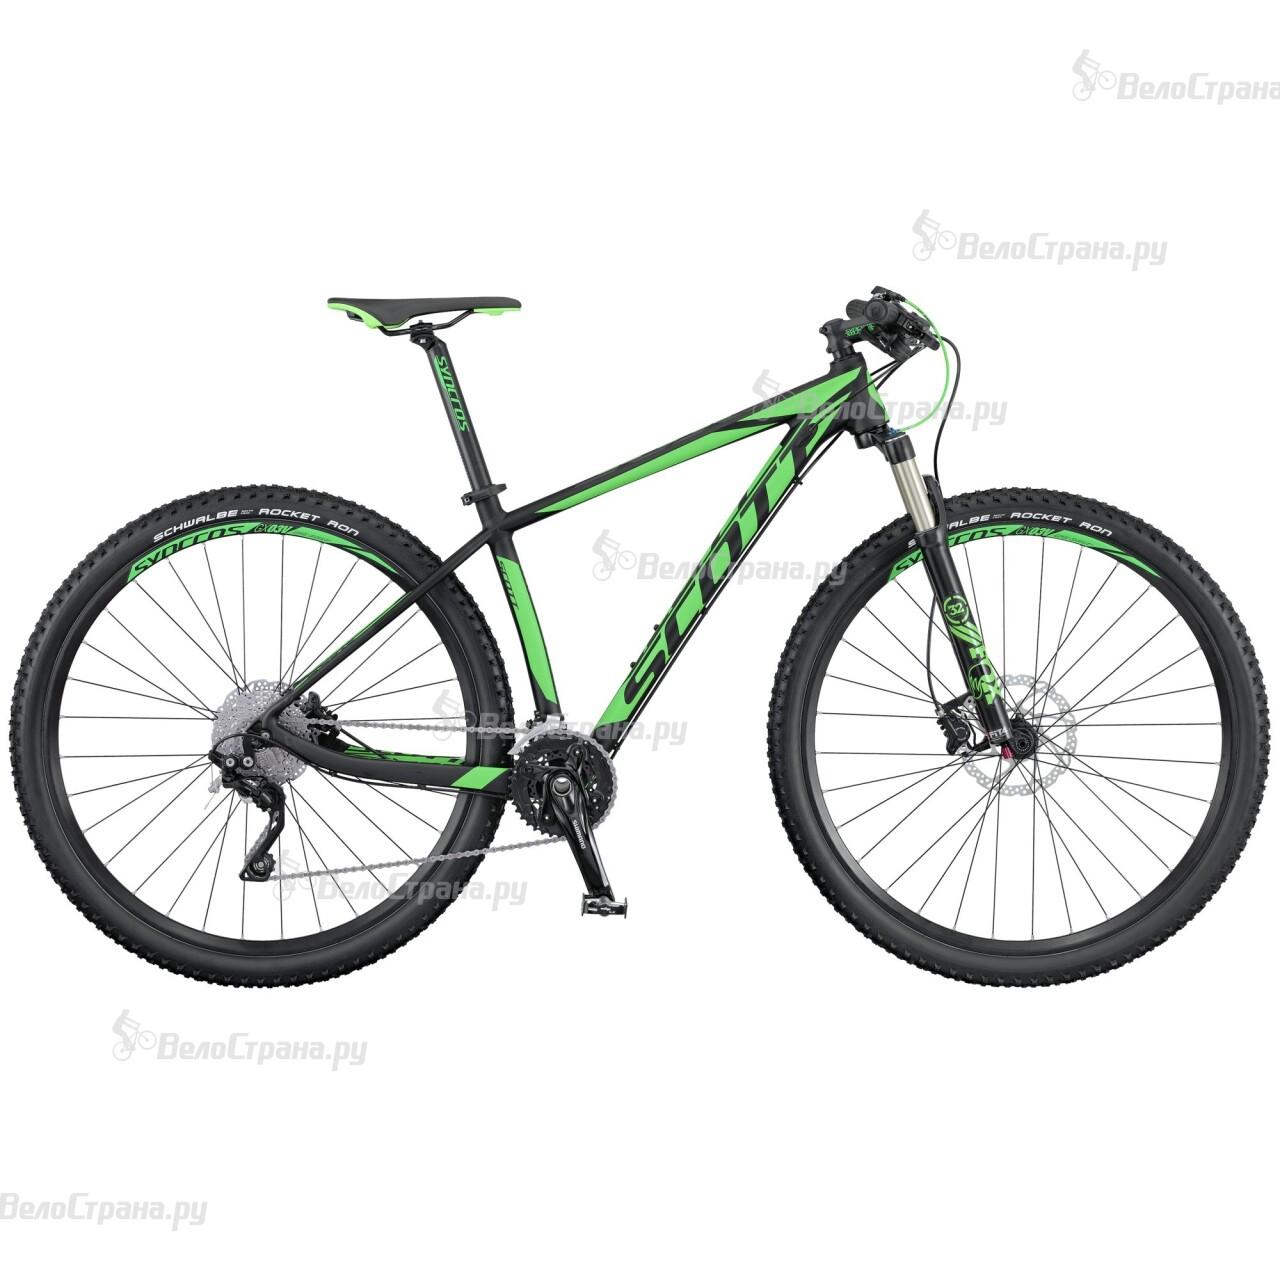 Велосипед Scott Scale 950 (2016) велосипед scott scale junior 26 2016